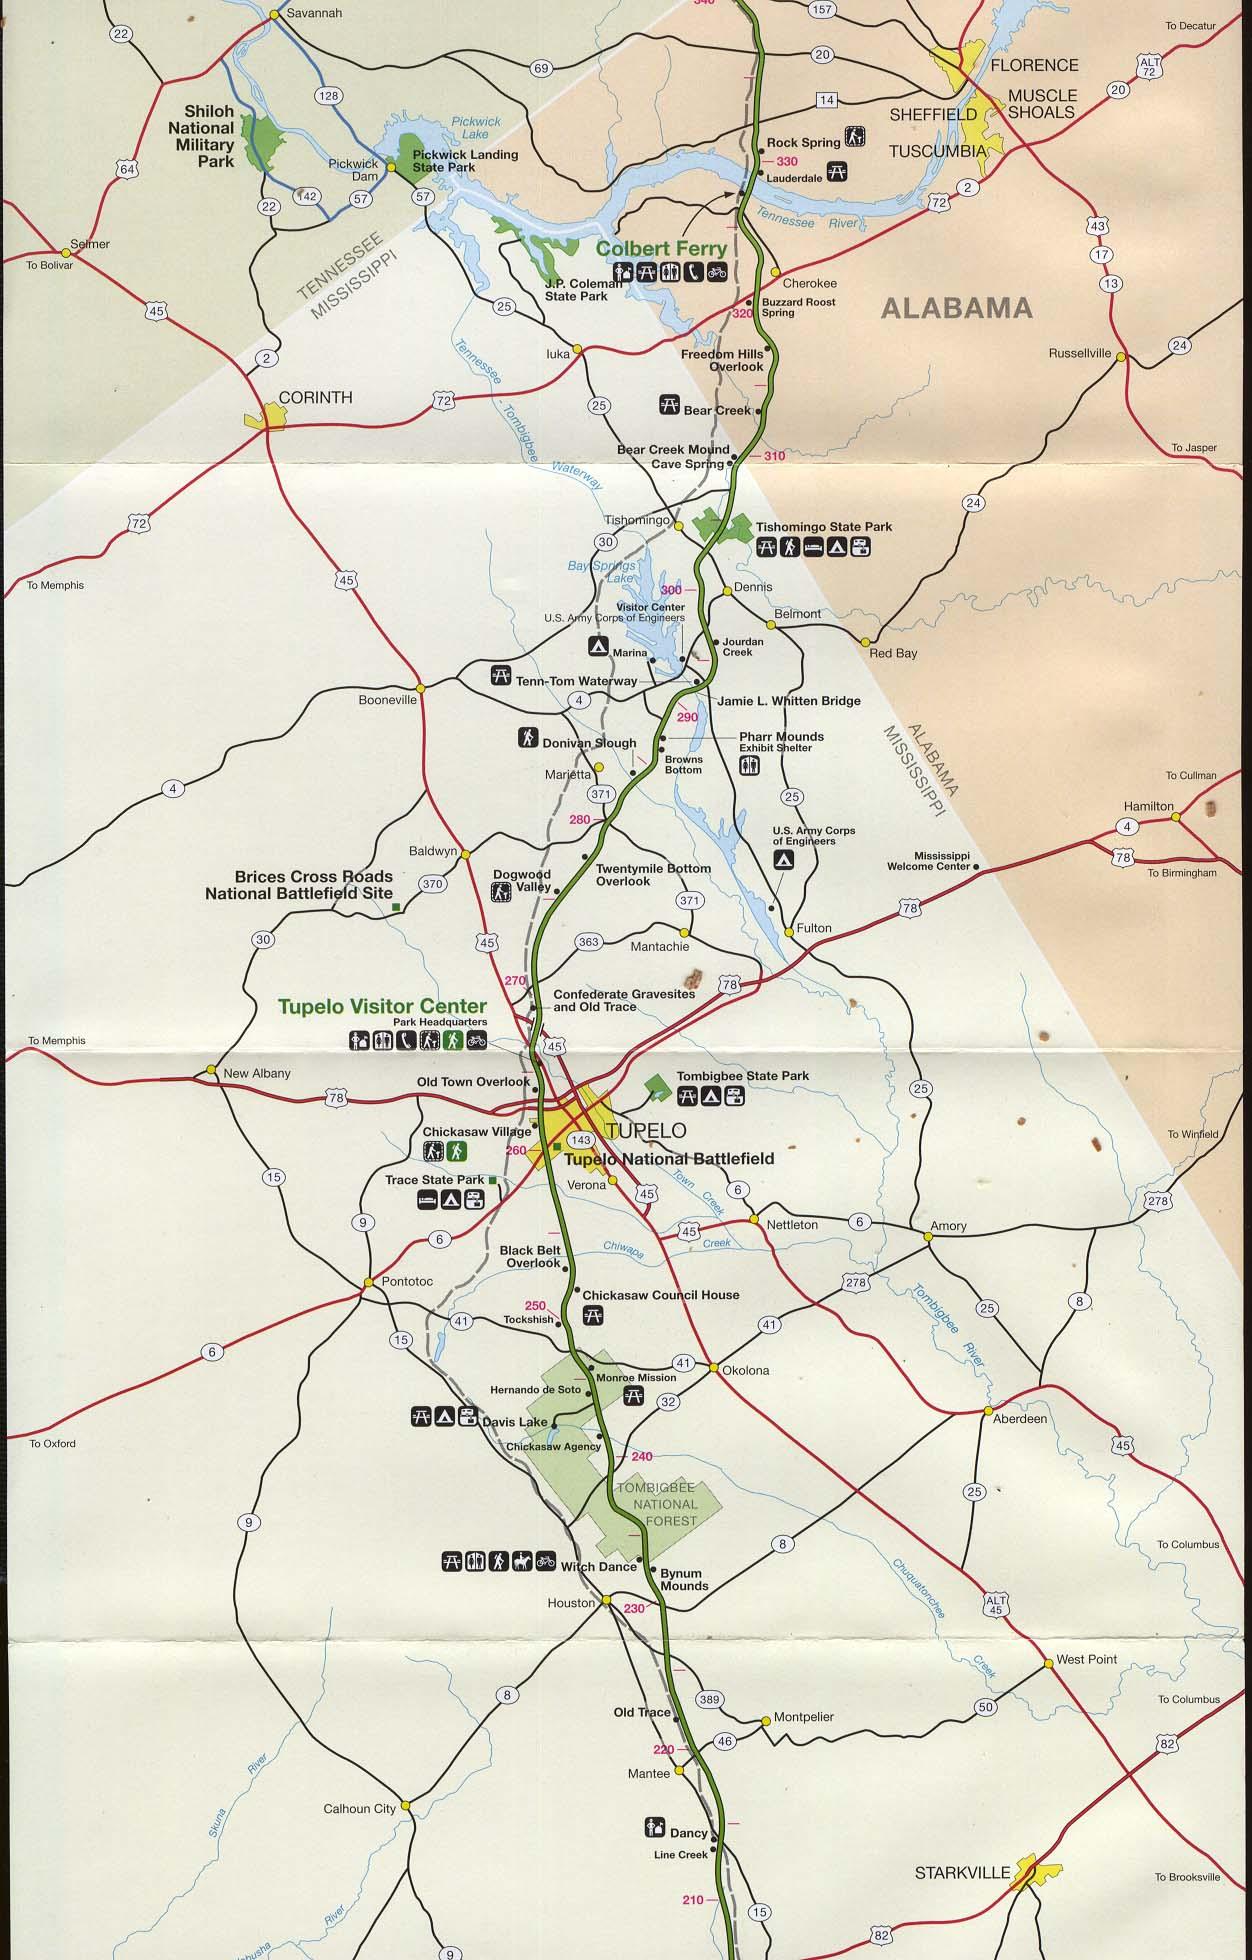 Mapa de la Ruta Escénica Nacional Natchez Trace Parkway, Desde Dancy, Misisipi to Rock Spring, Alabama, Estados Unidos